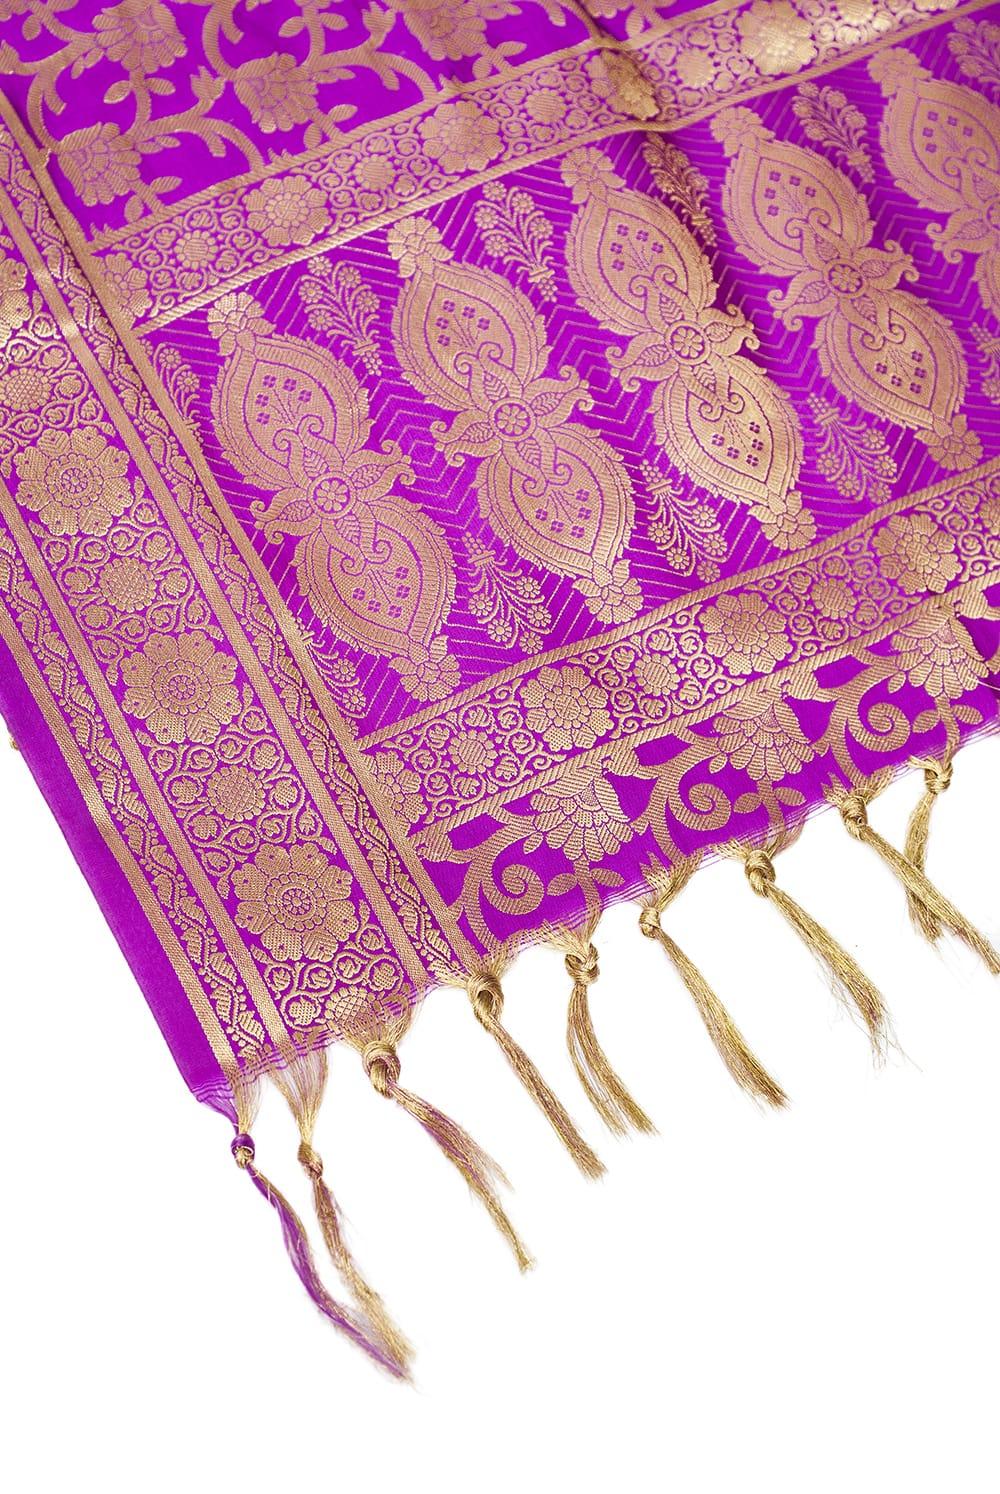 (大判)金色刺繍のデコレーション布 - 唐草・パープル 4 - 縁の部分の写真です。フリンジと布の色の組み合わせ綺麗です。